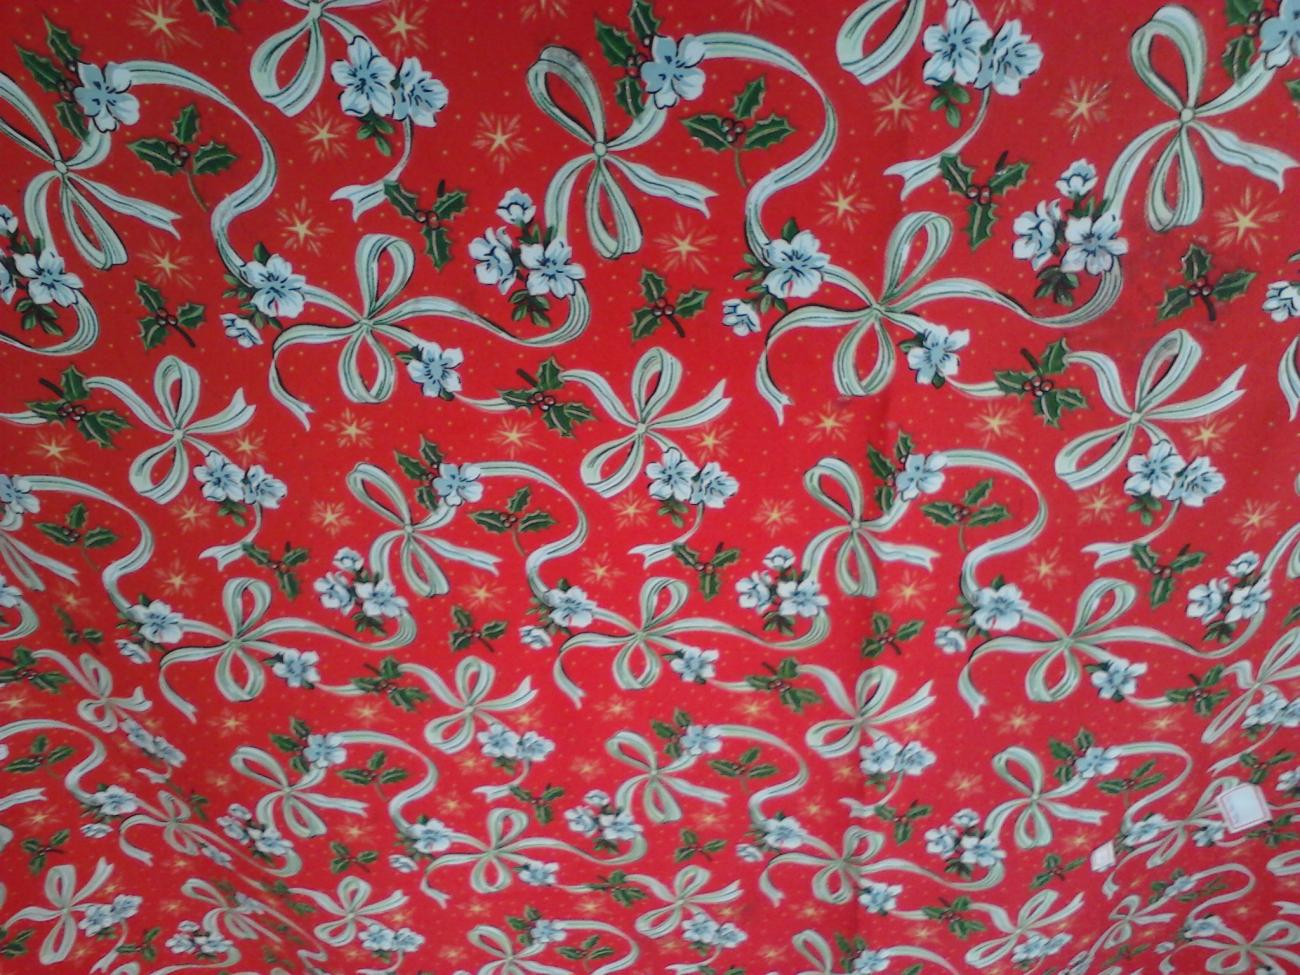 Toalha de Banquete Natalina Vermelha Laço